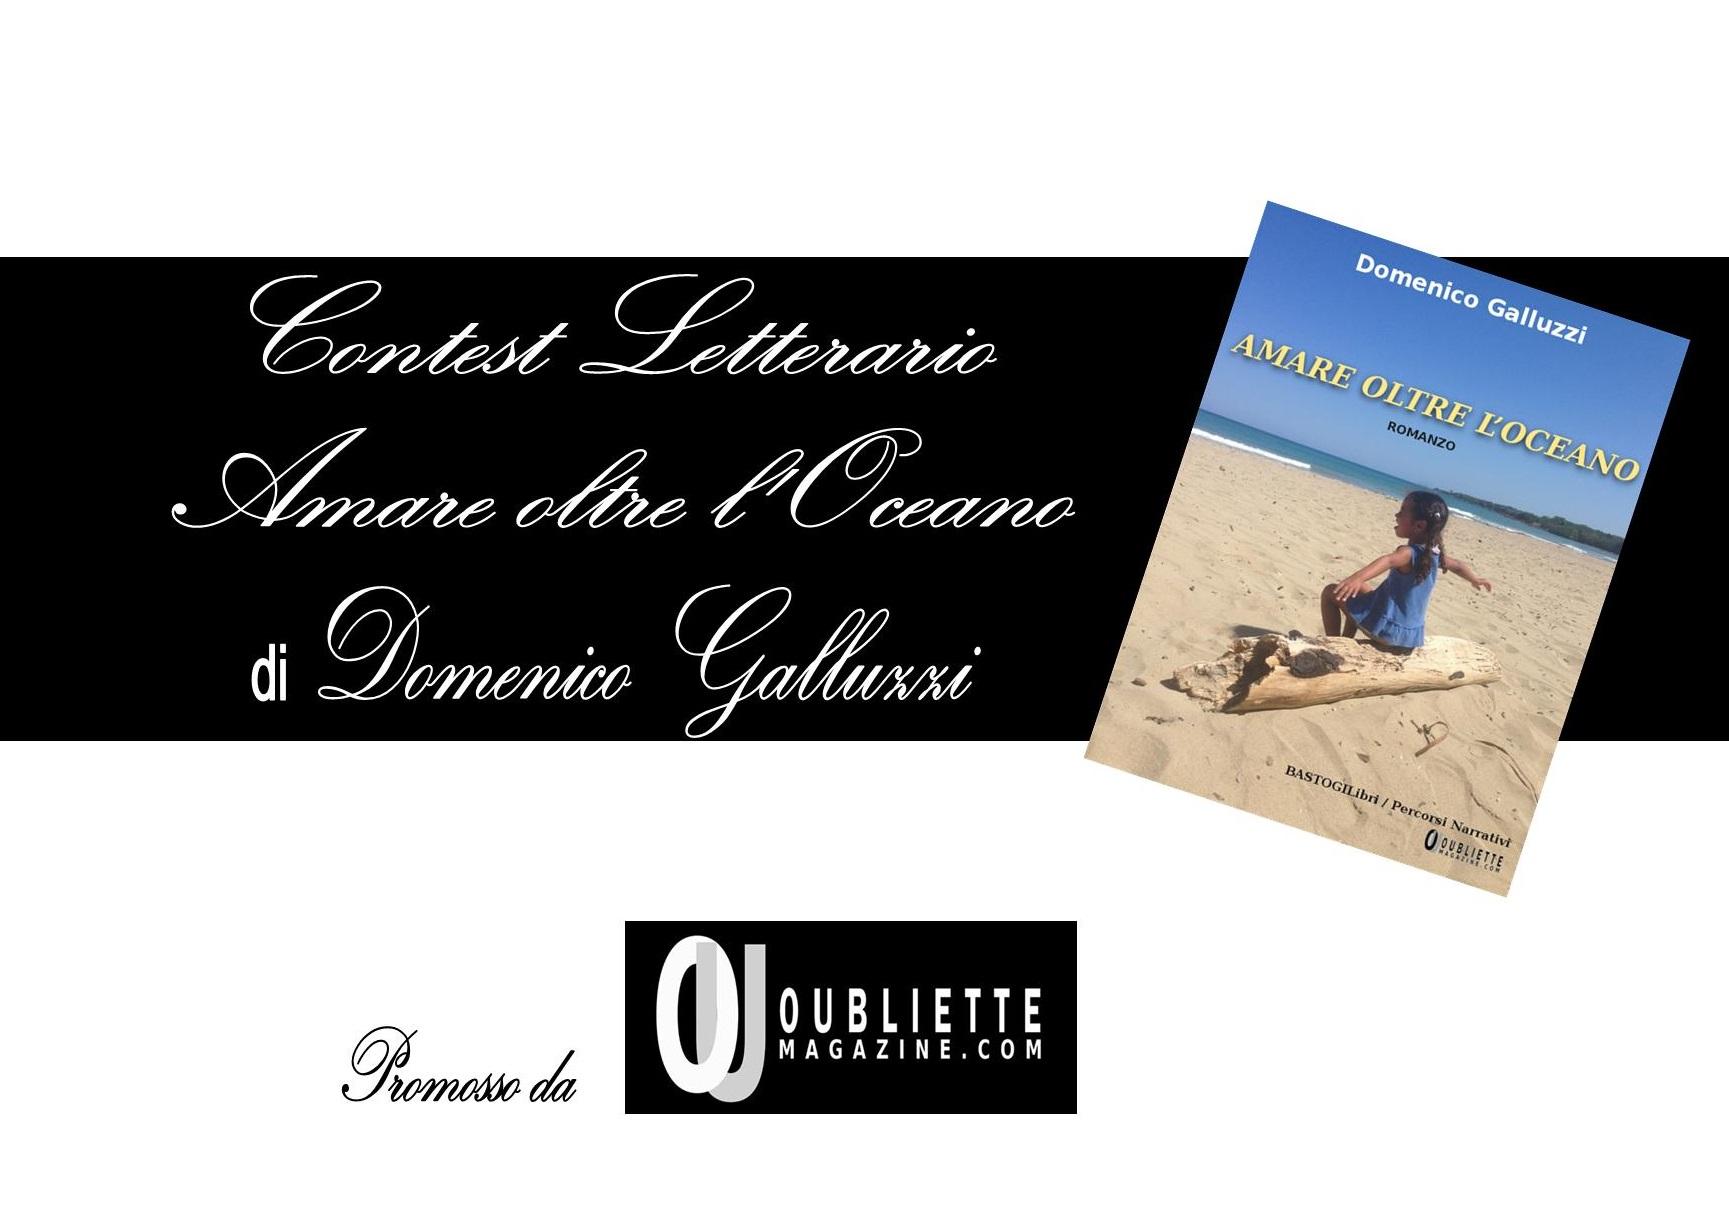 Contest Letterario Gratuito Di Prosa E Poesia Amare Oltre Loceano